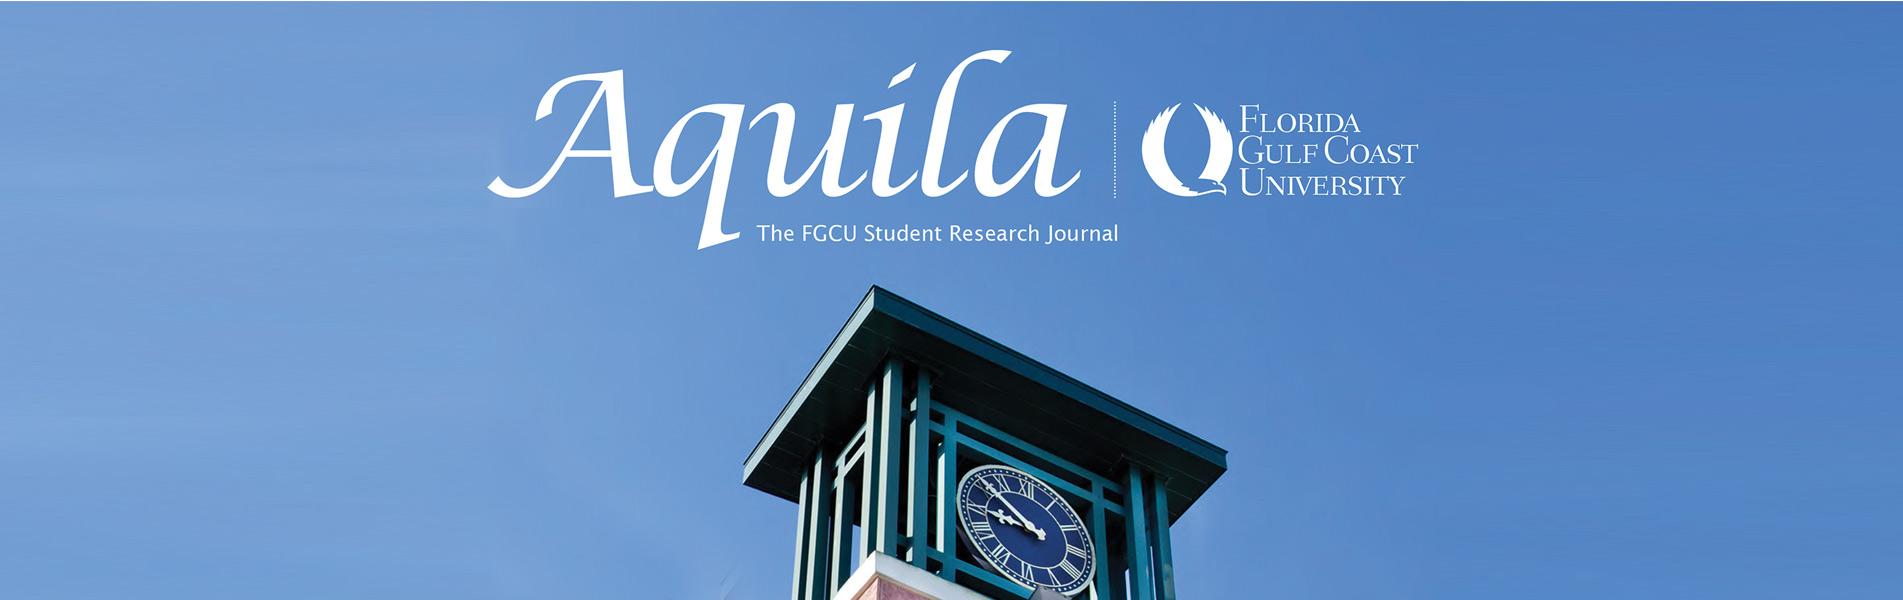 FGCU Student Success - Aquila